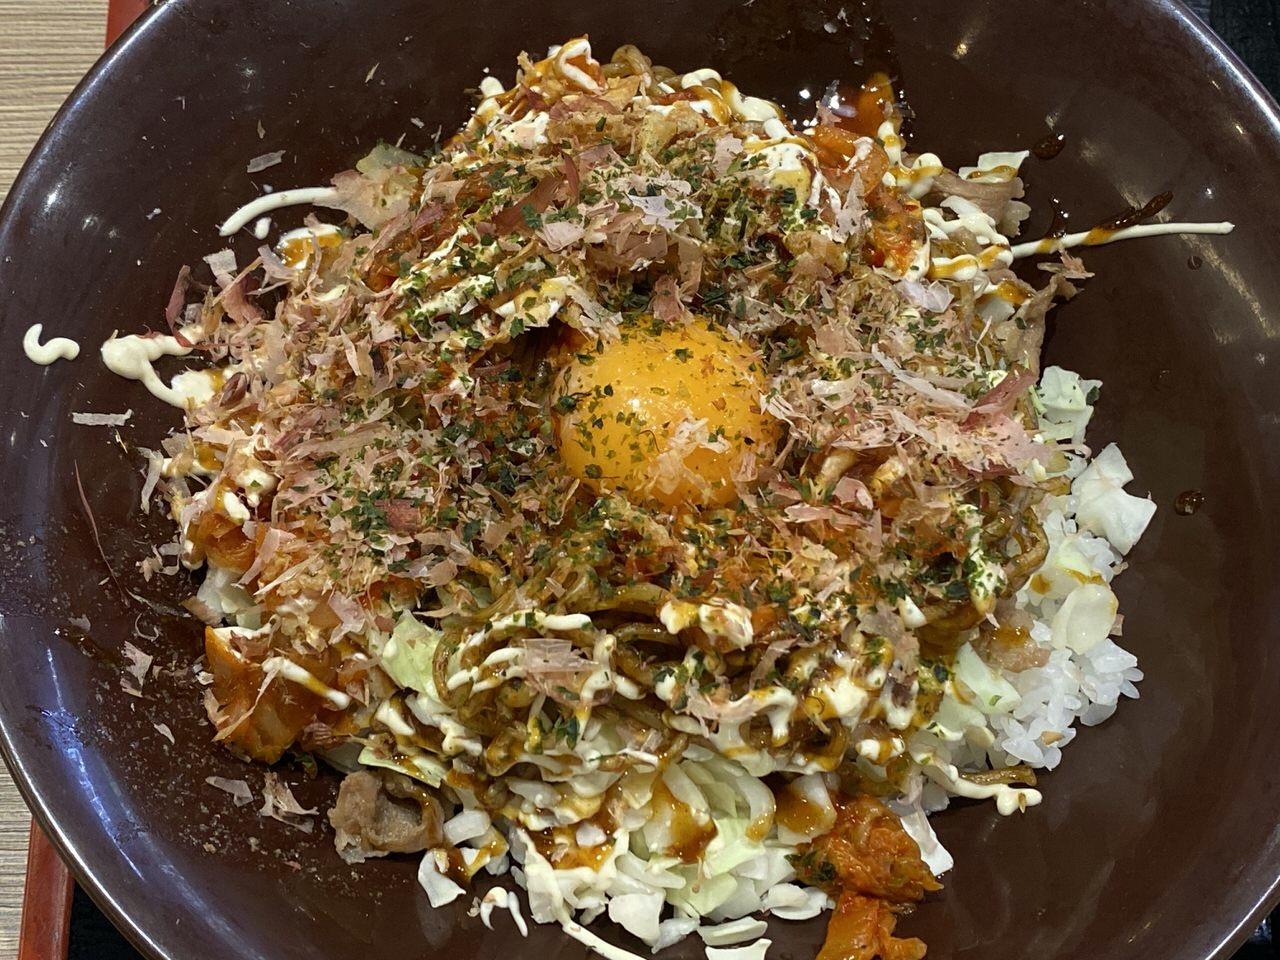 【すき家】いろんな味がして正解が分からなかった「お好み牛玉丼 広島Mix」